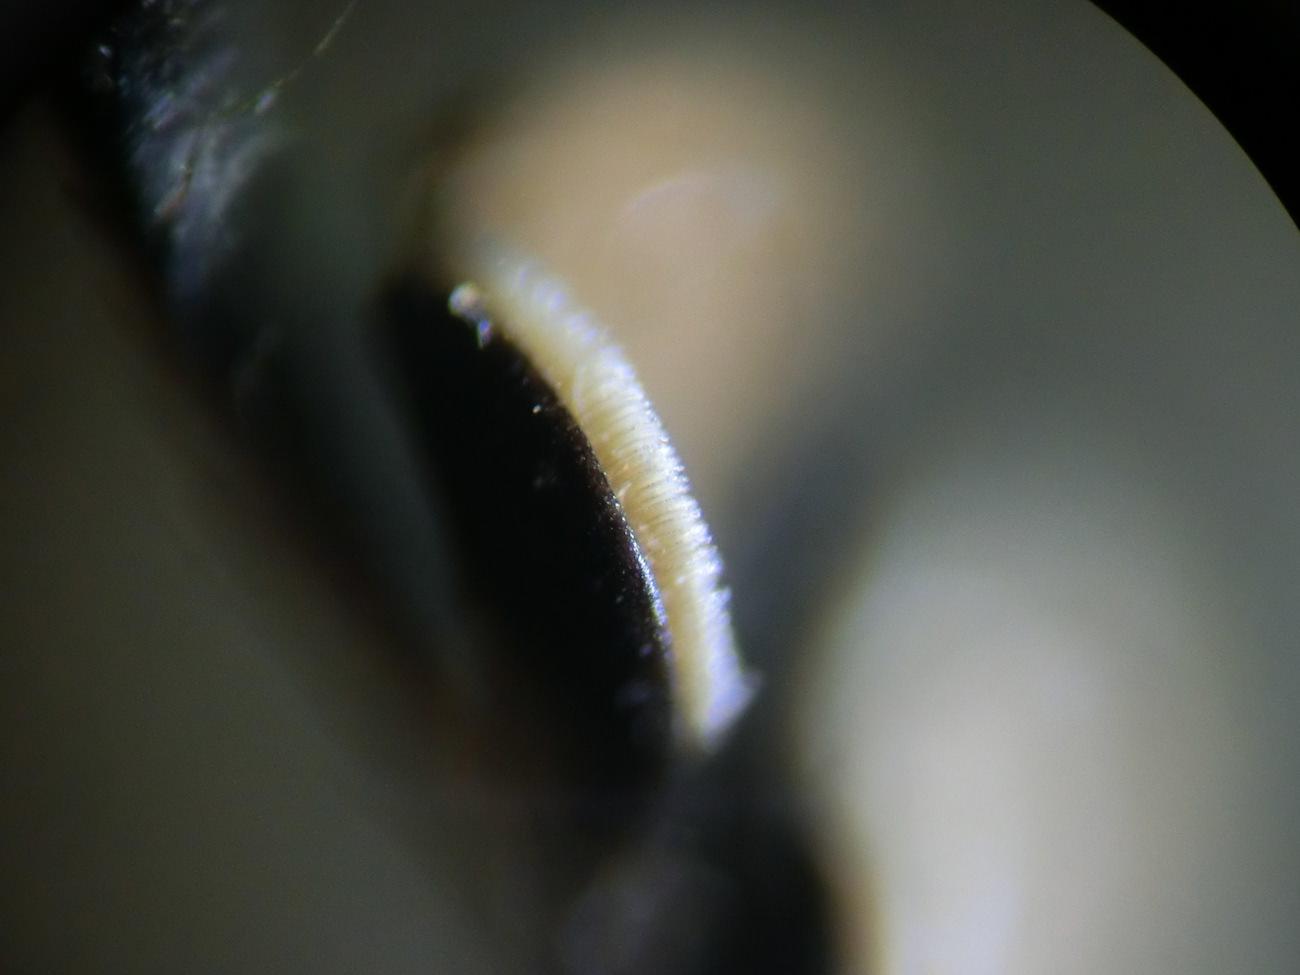 タマムシの顕微鏡ミクロ観察